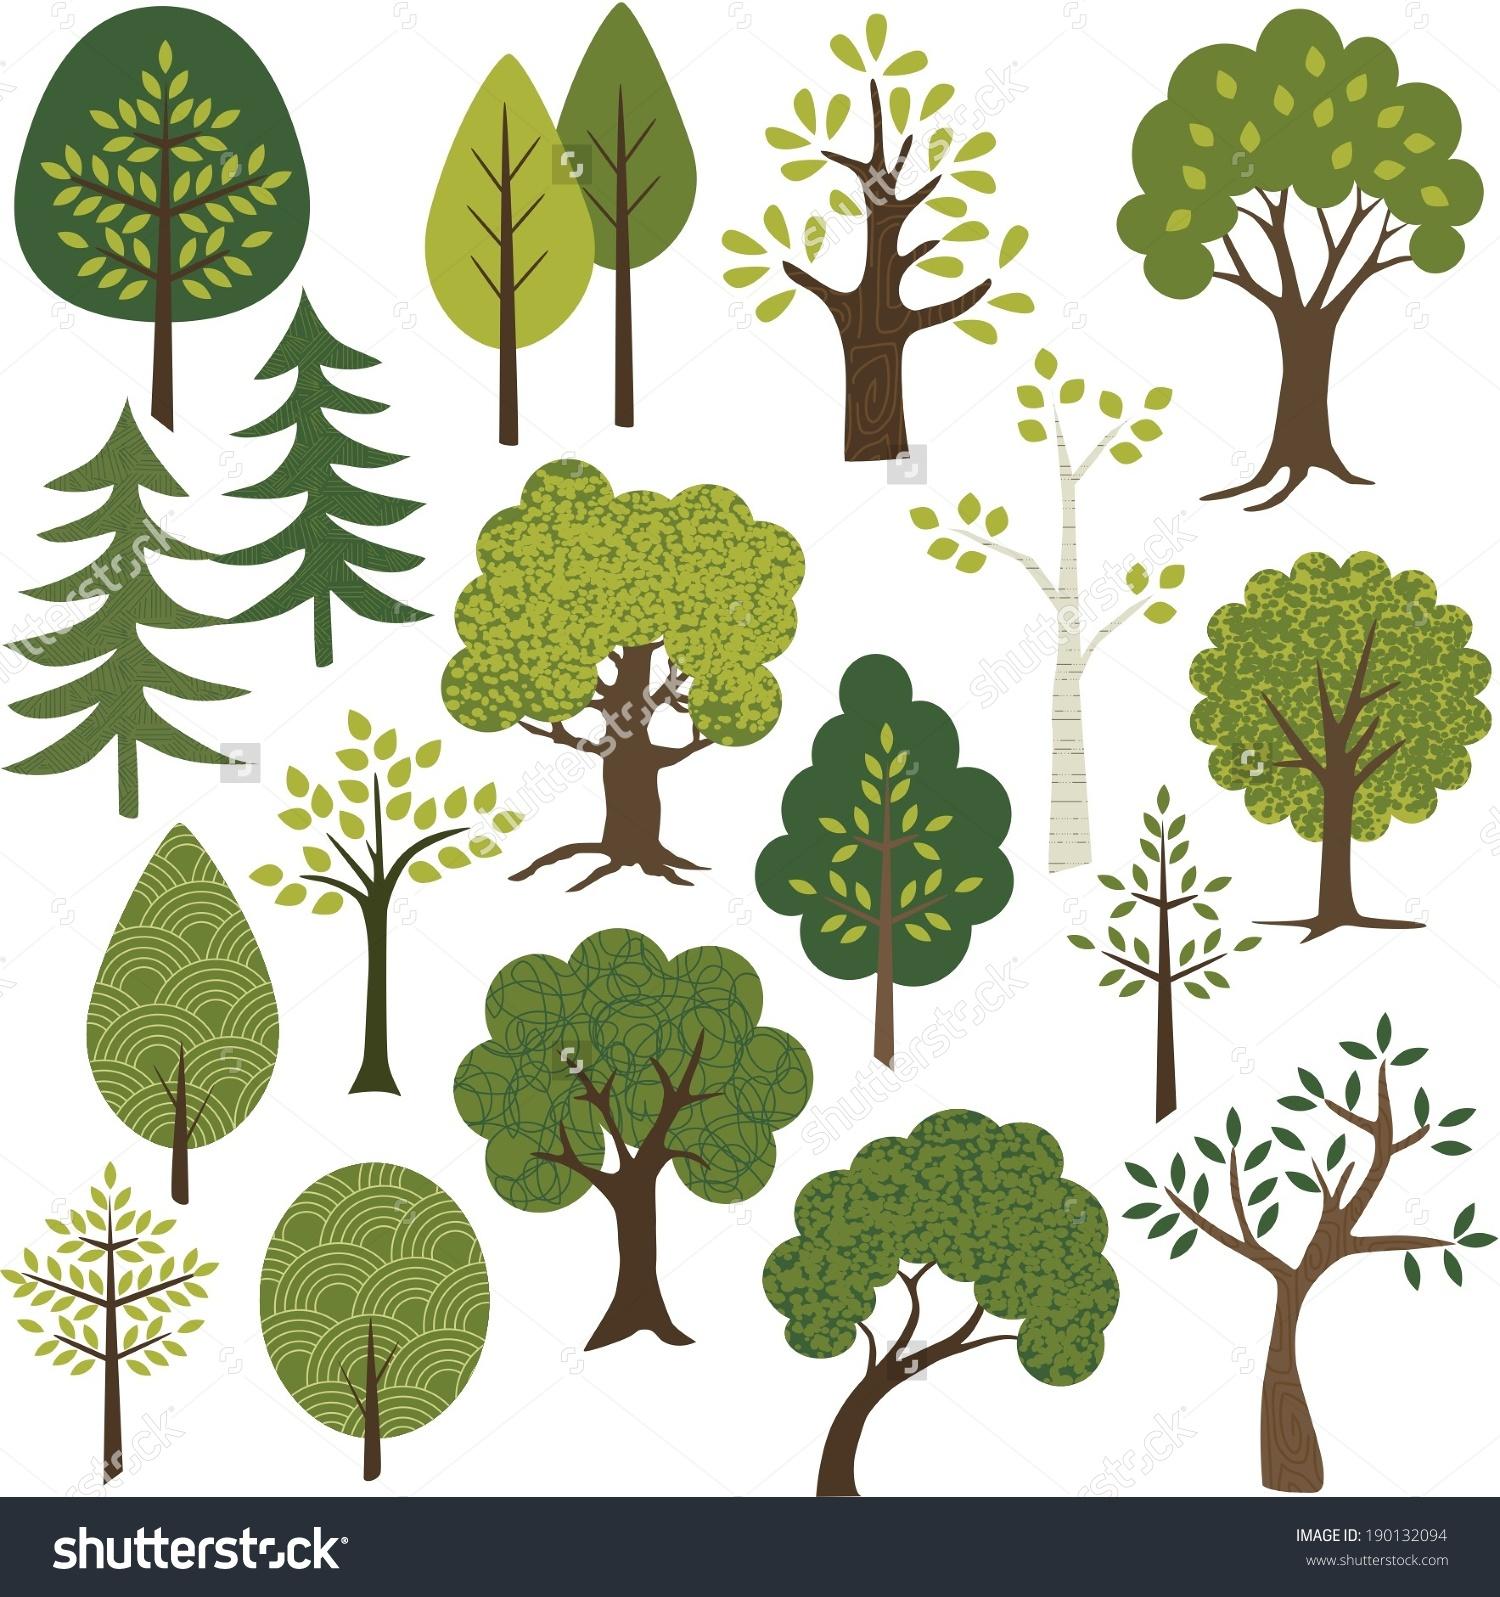 Tree Clip Art-Tree Clip Art-5